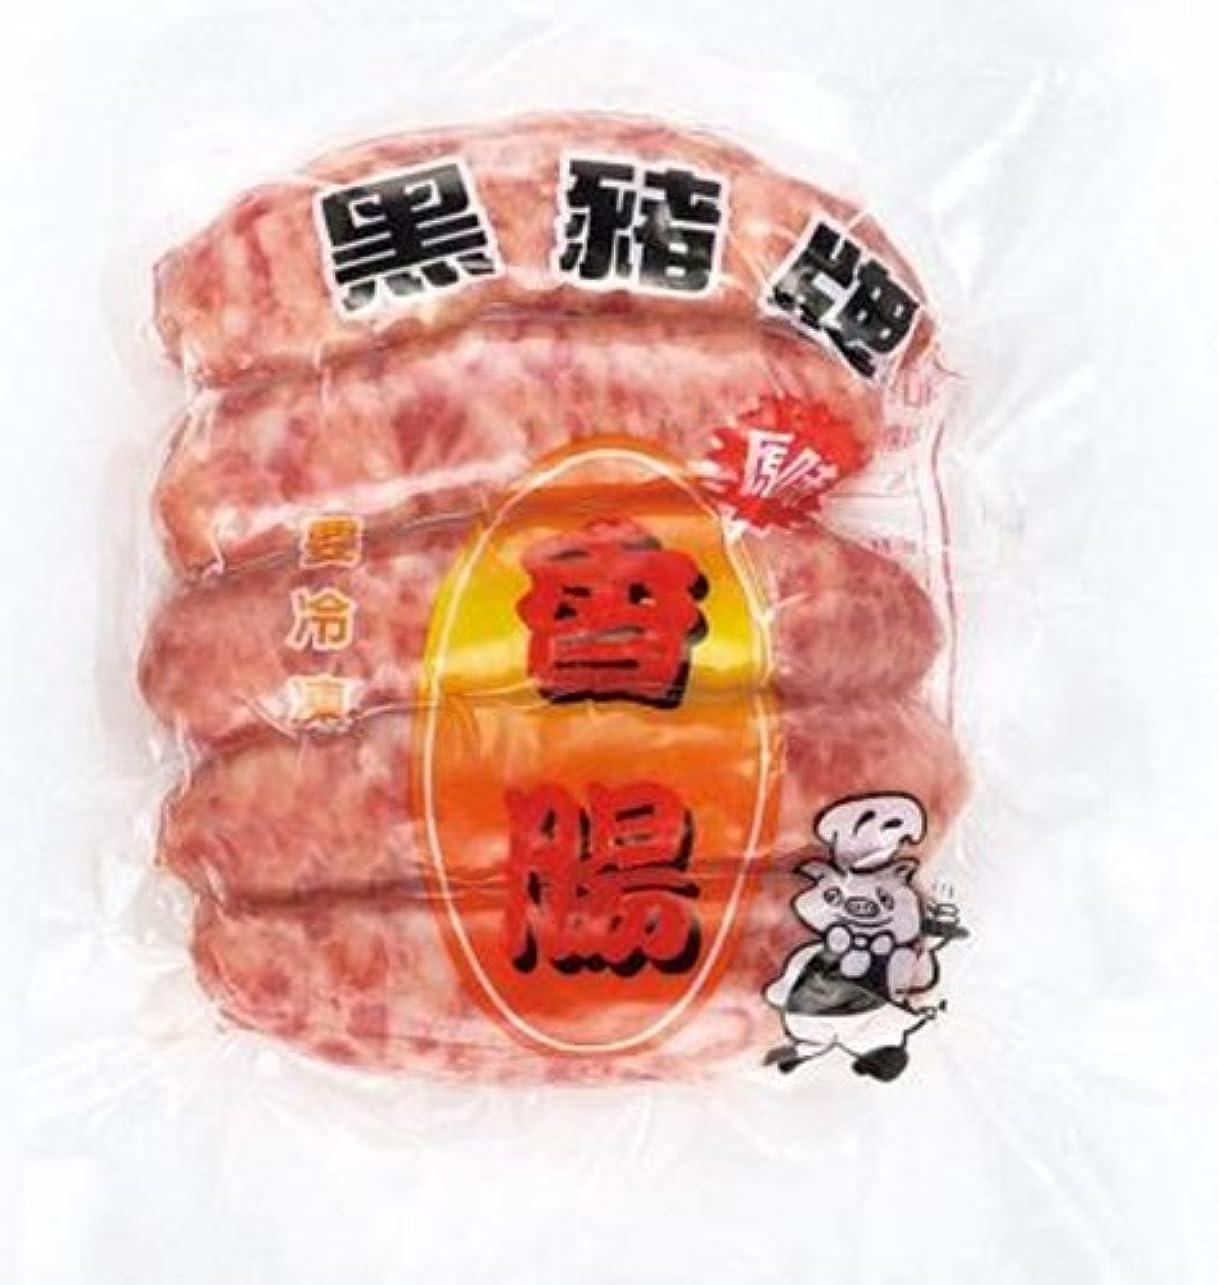 けがをするジョブ処方する【クール便】台湾香腸 (台湾ソーセージ)(台湾腸詰)200g